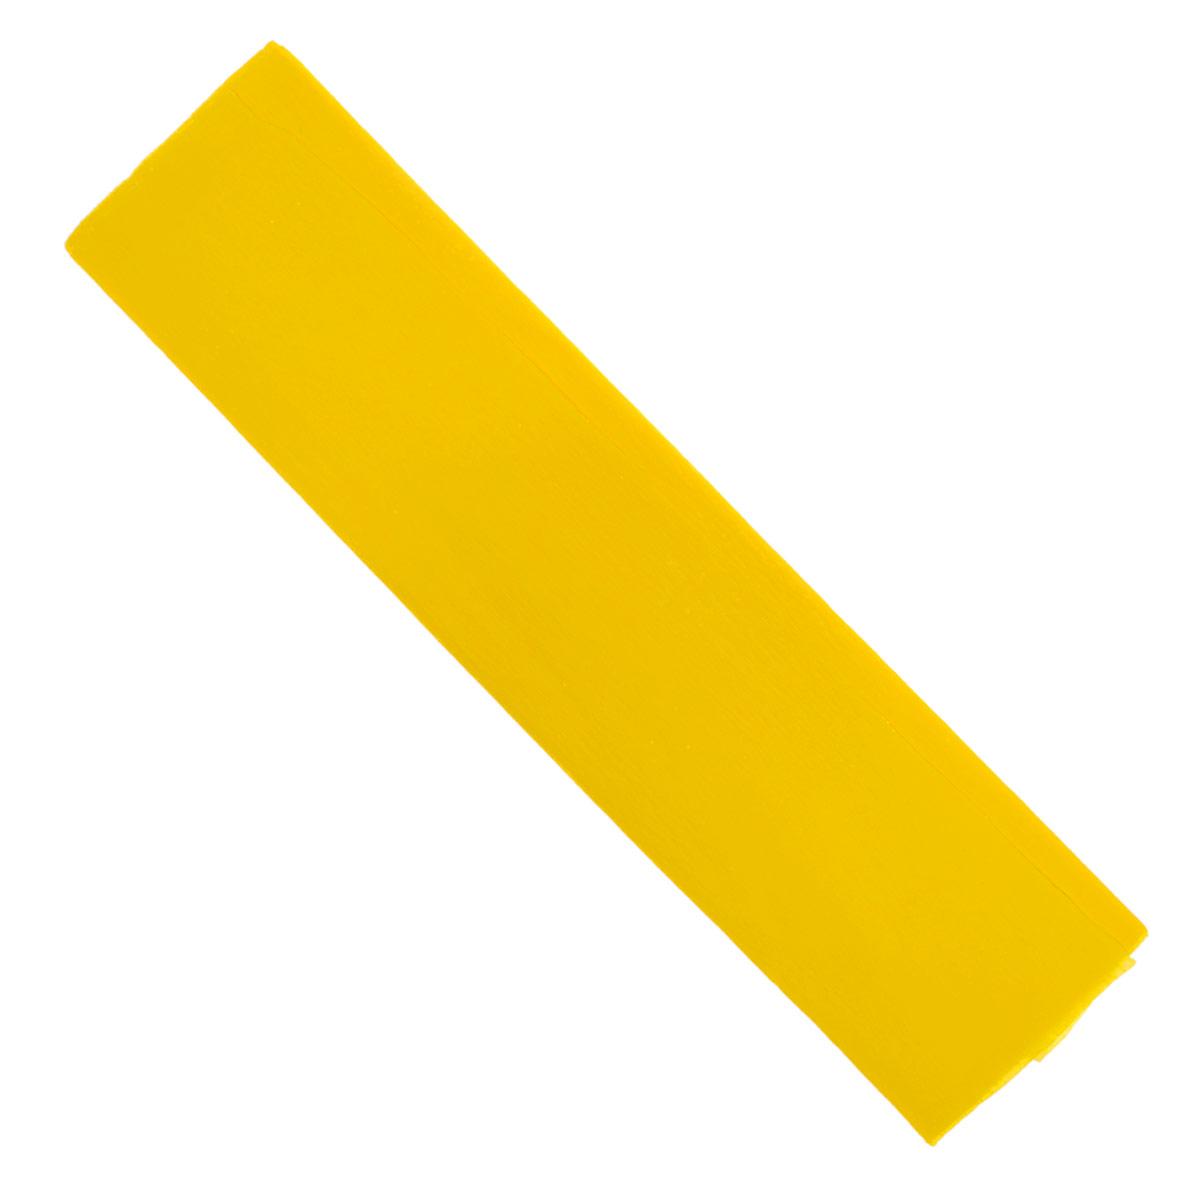 Крепированная бумага Hatber, флюоресцентная, цвет: желтый, 5 см х 25 см11-410-145Цветная флюоресцентная бумага Hatber - отличный вариант для развития творчества вашего ребенка. Бумага с фактурным покрытием очень гибкая и мягкая, из нее можно создавать чудесные аппликации, игрушки, подарки и объемные поделки. Цветная флюоресцентная бумага Hatber способствует развитию фантазии, цветовосприятия и мелкой моторики рук. Размер бумаги - 5 см х 25 см.